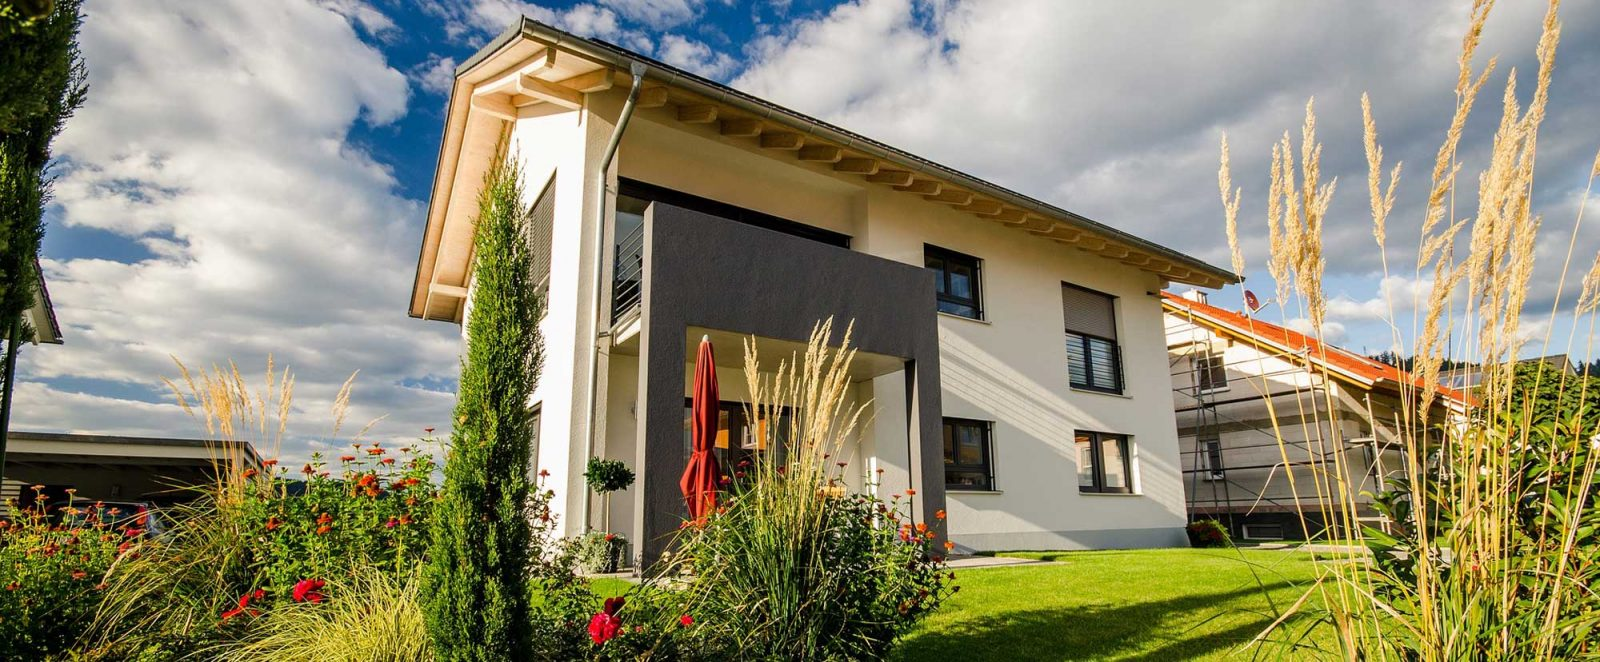 Beleihungswertgutachten Finanzierung Immobilie